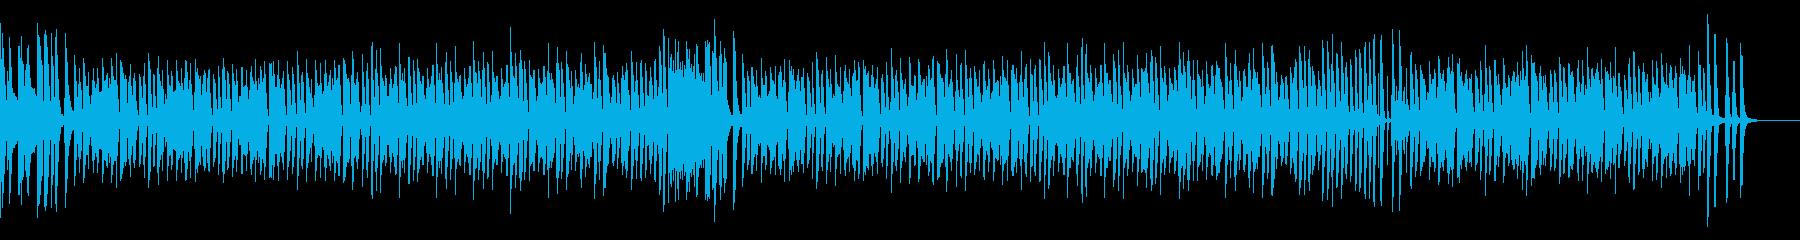 ほのぼのチャレンジ(ピアノ&カウベル)の再生済みの波形